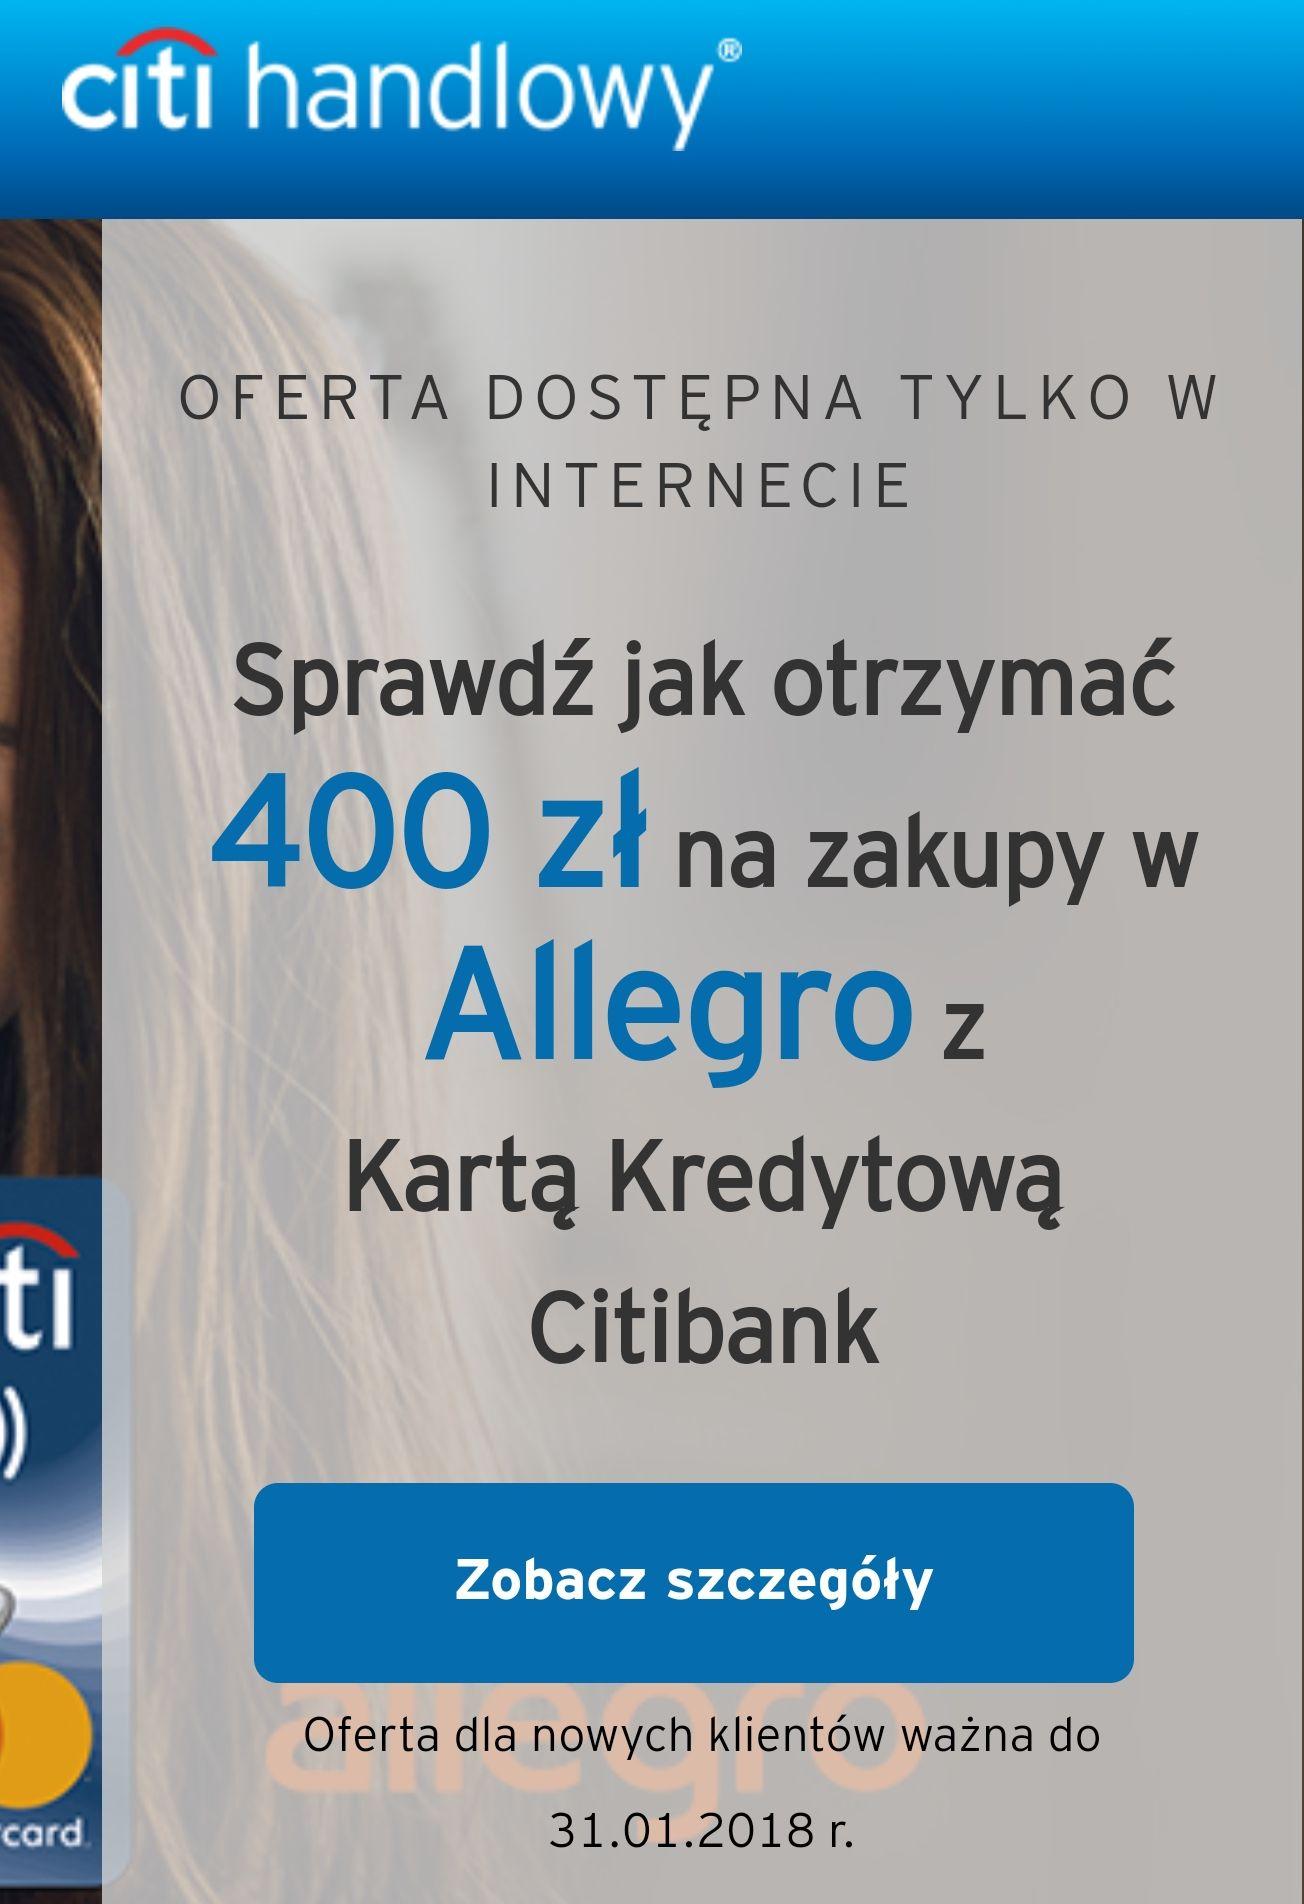 Voucher 400zł za założenie karty do wykorzystania na Allegro.pl